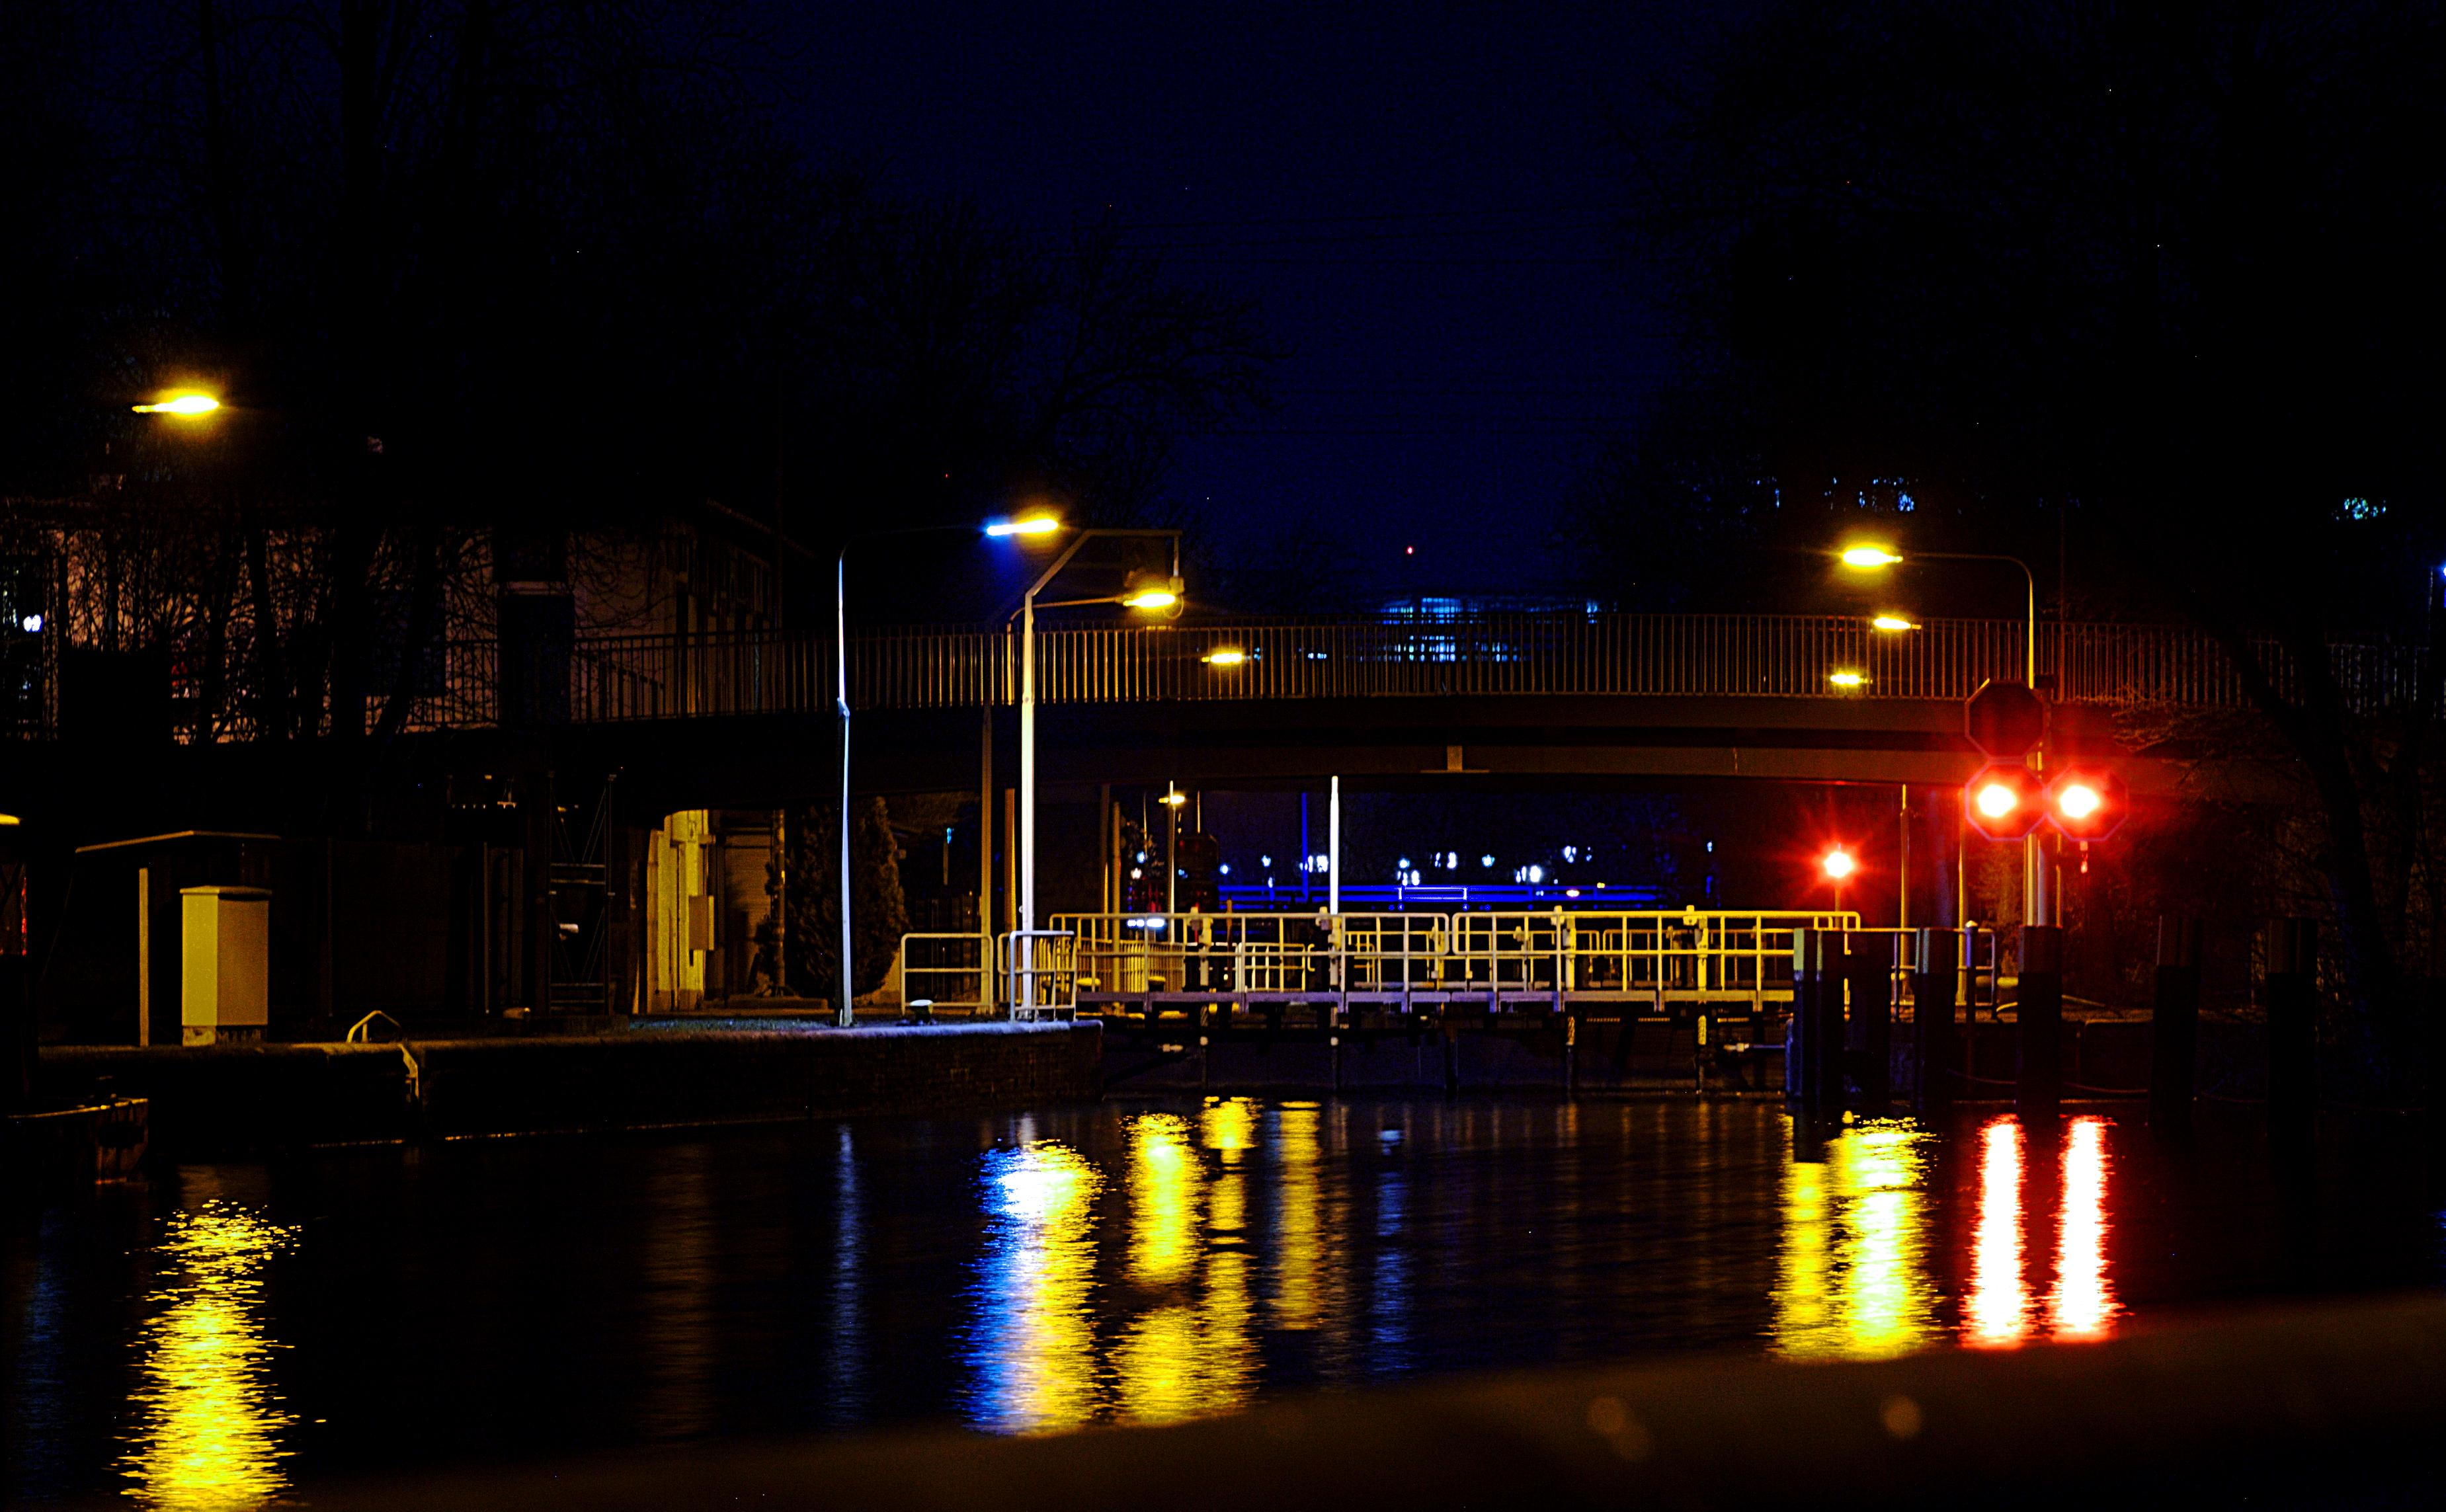 Unterschleuse Landwehrkanal Berlin Tiergarten at night March 2015